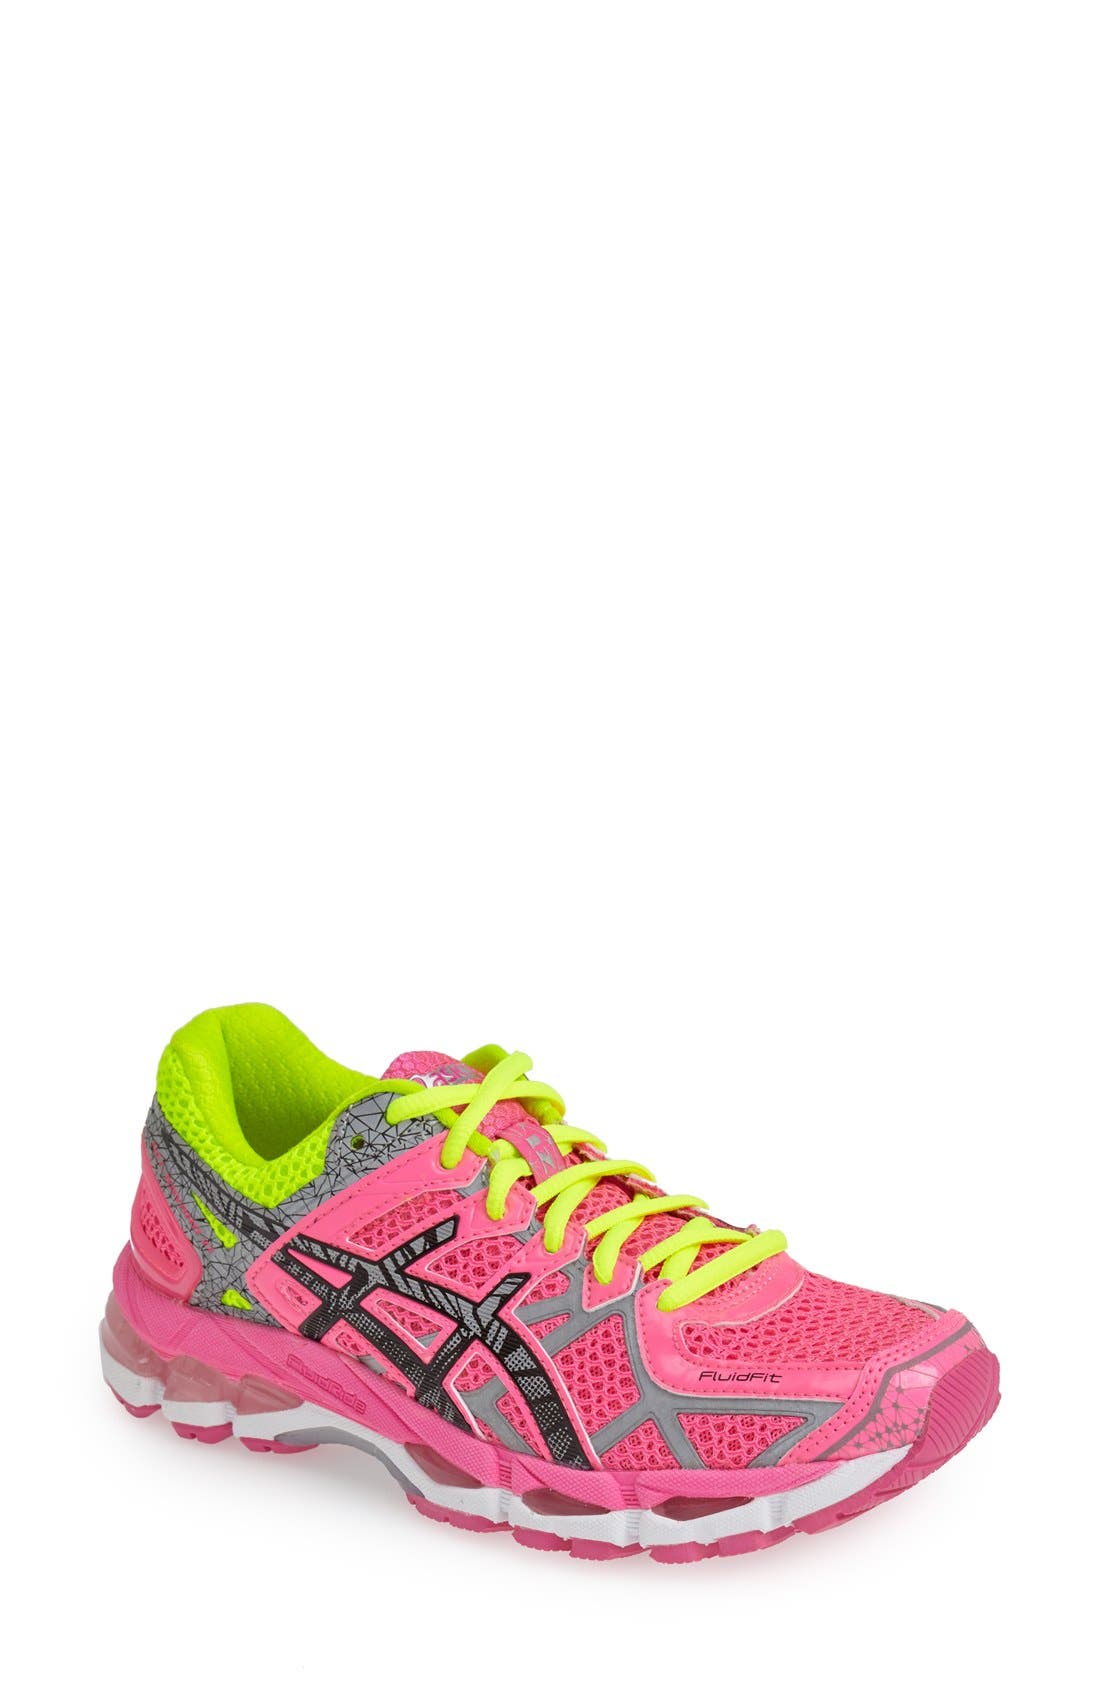 ASICS 'GEL-Kayano<sup>®</sup> 21' Running Shoe,                         Main,                         color,